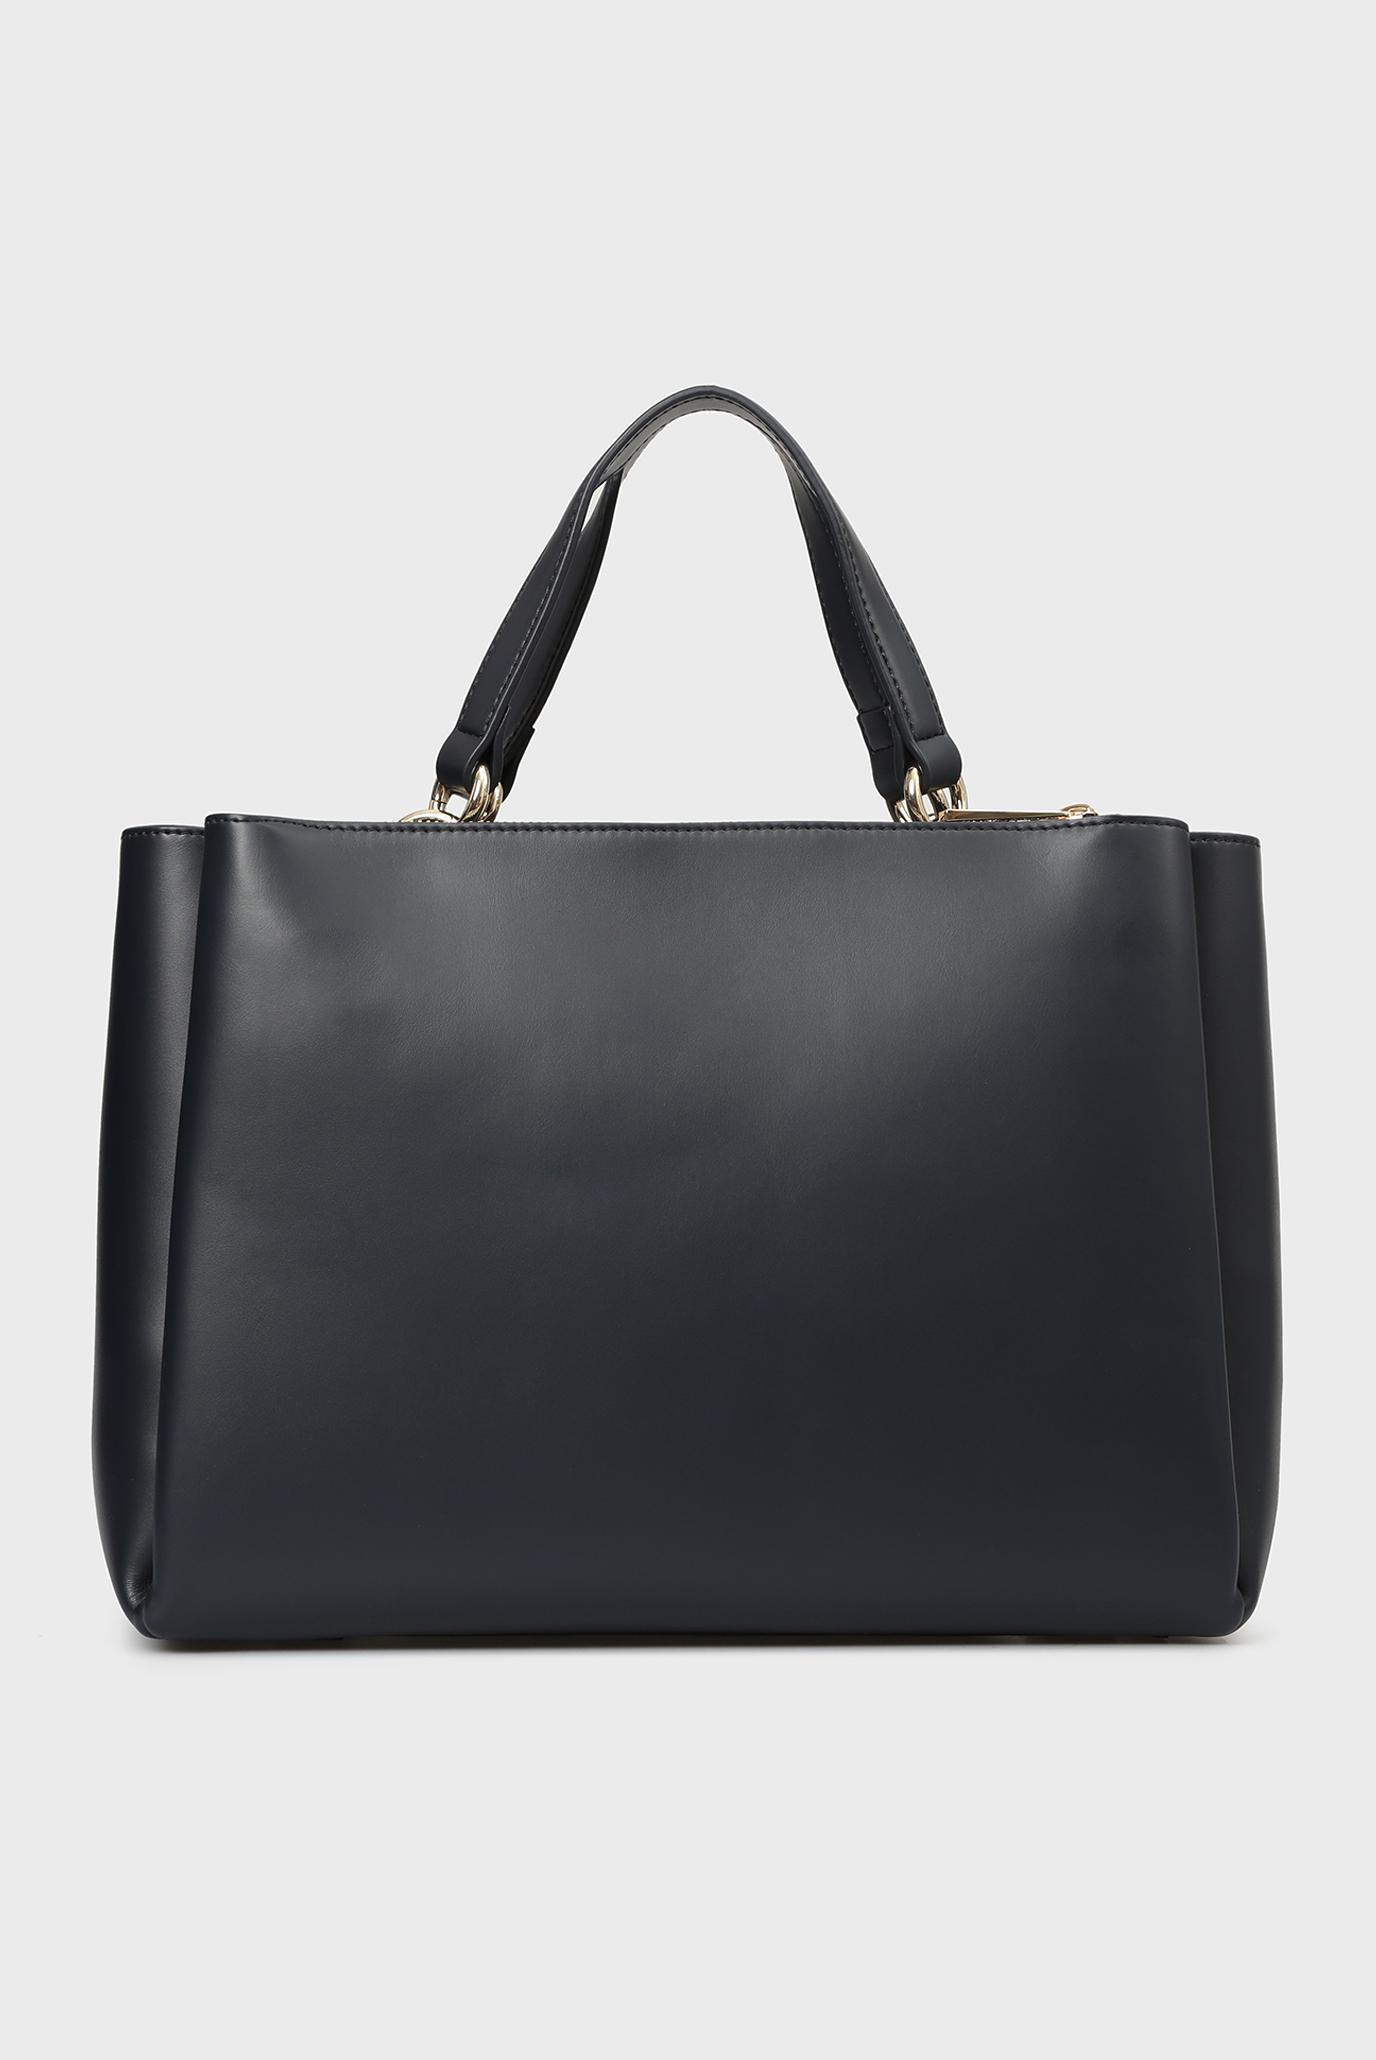 Купить Женская темно-синяя сумка на плечо EFFORTLESS Tommy Hilfiger Tommy Hilfiger AW0AW05646 – Киев, Украина. Цены в интернет магазине MD Fashion